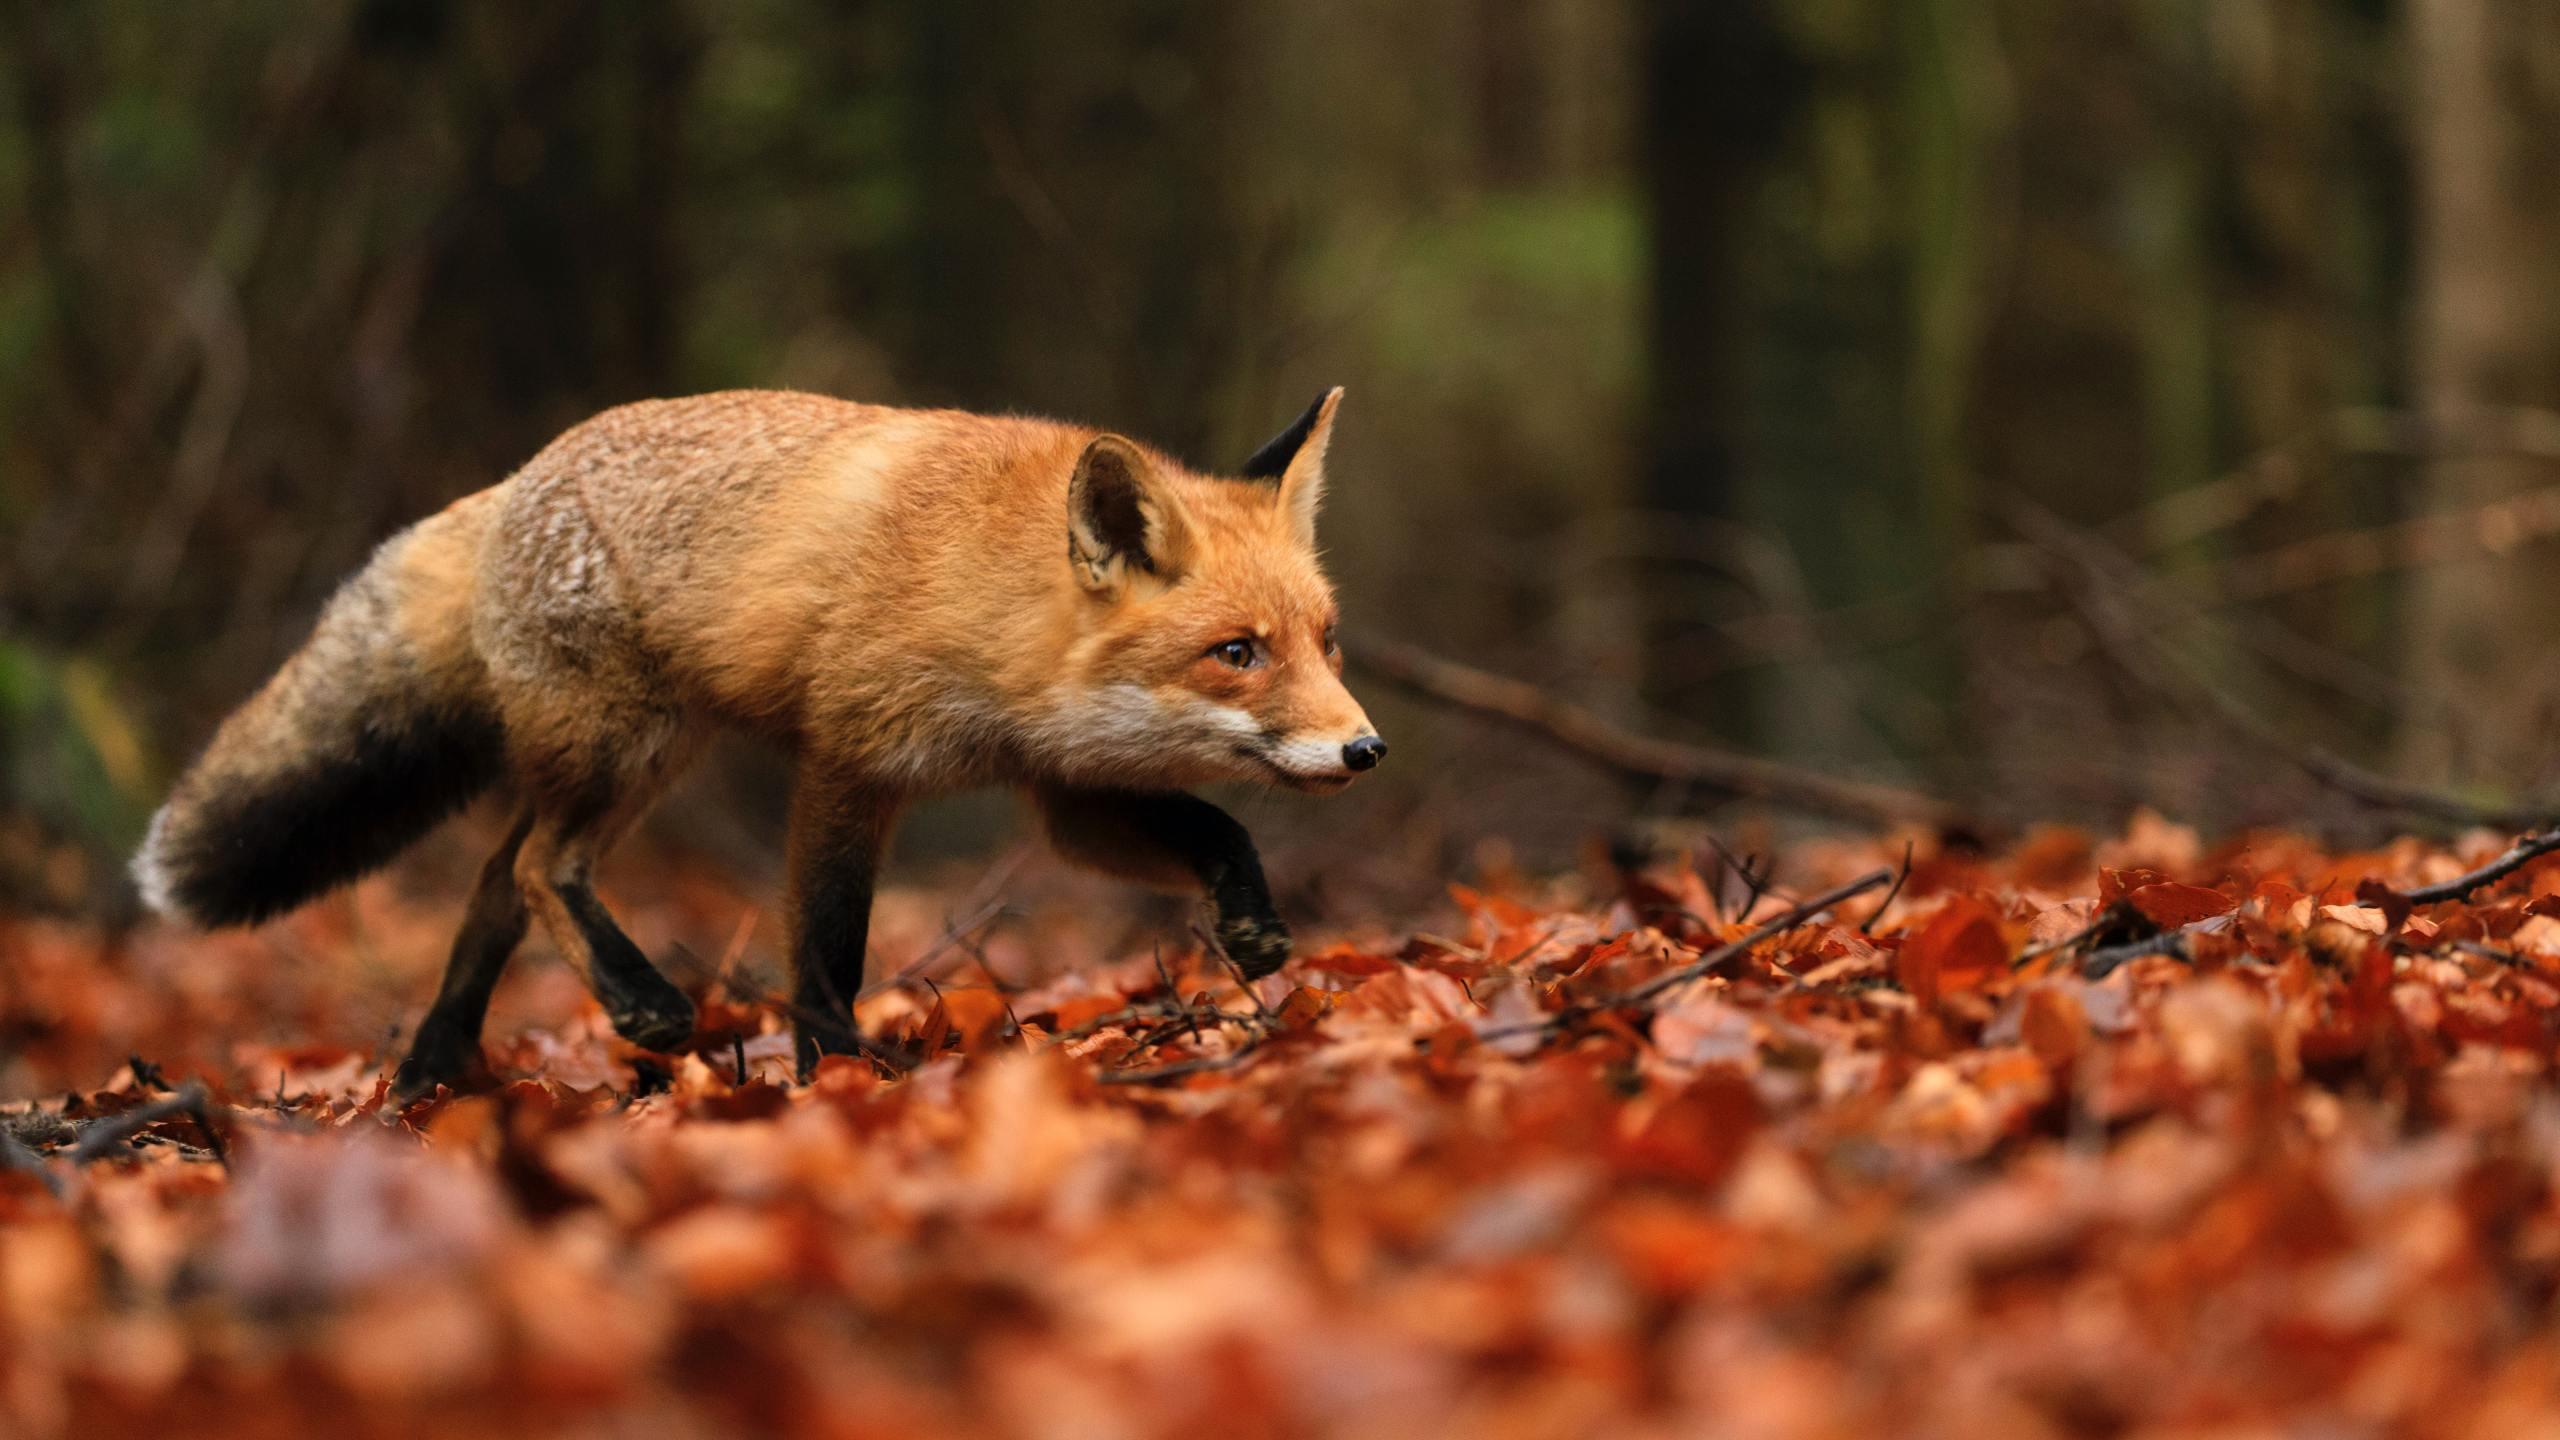 Fox on autumn leaves